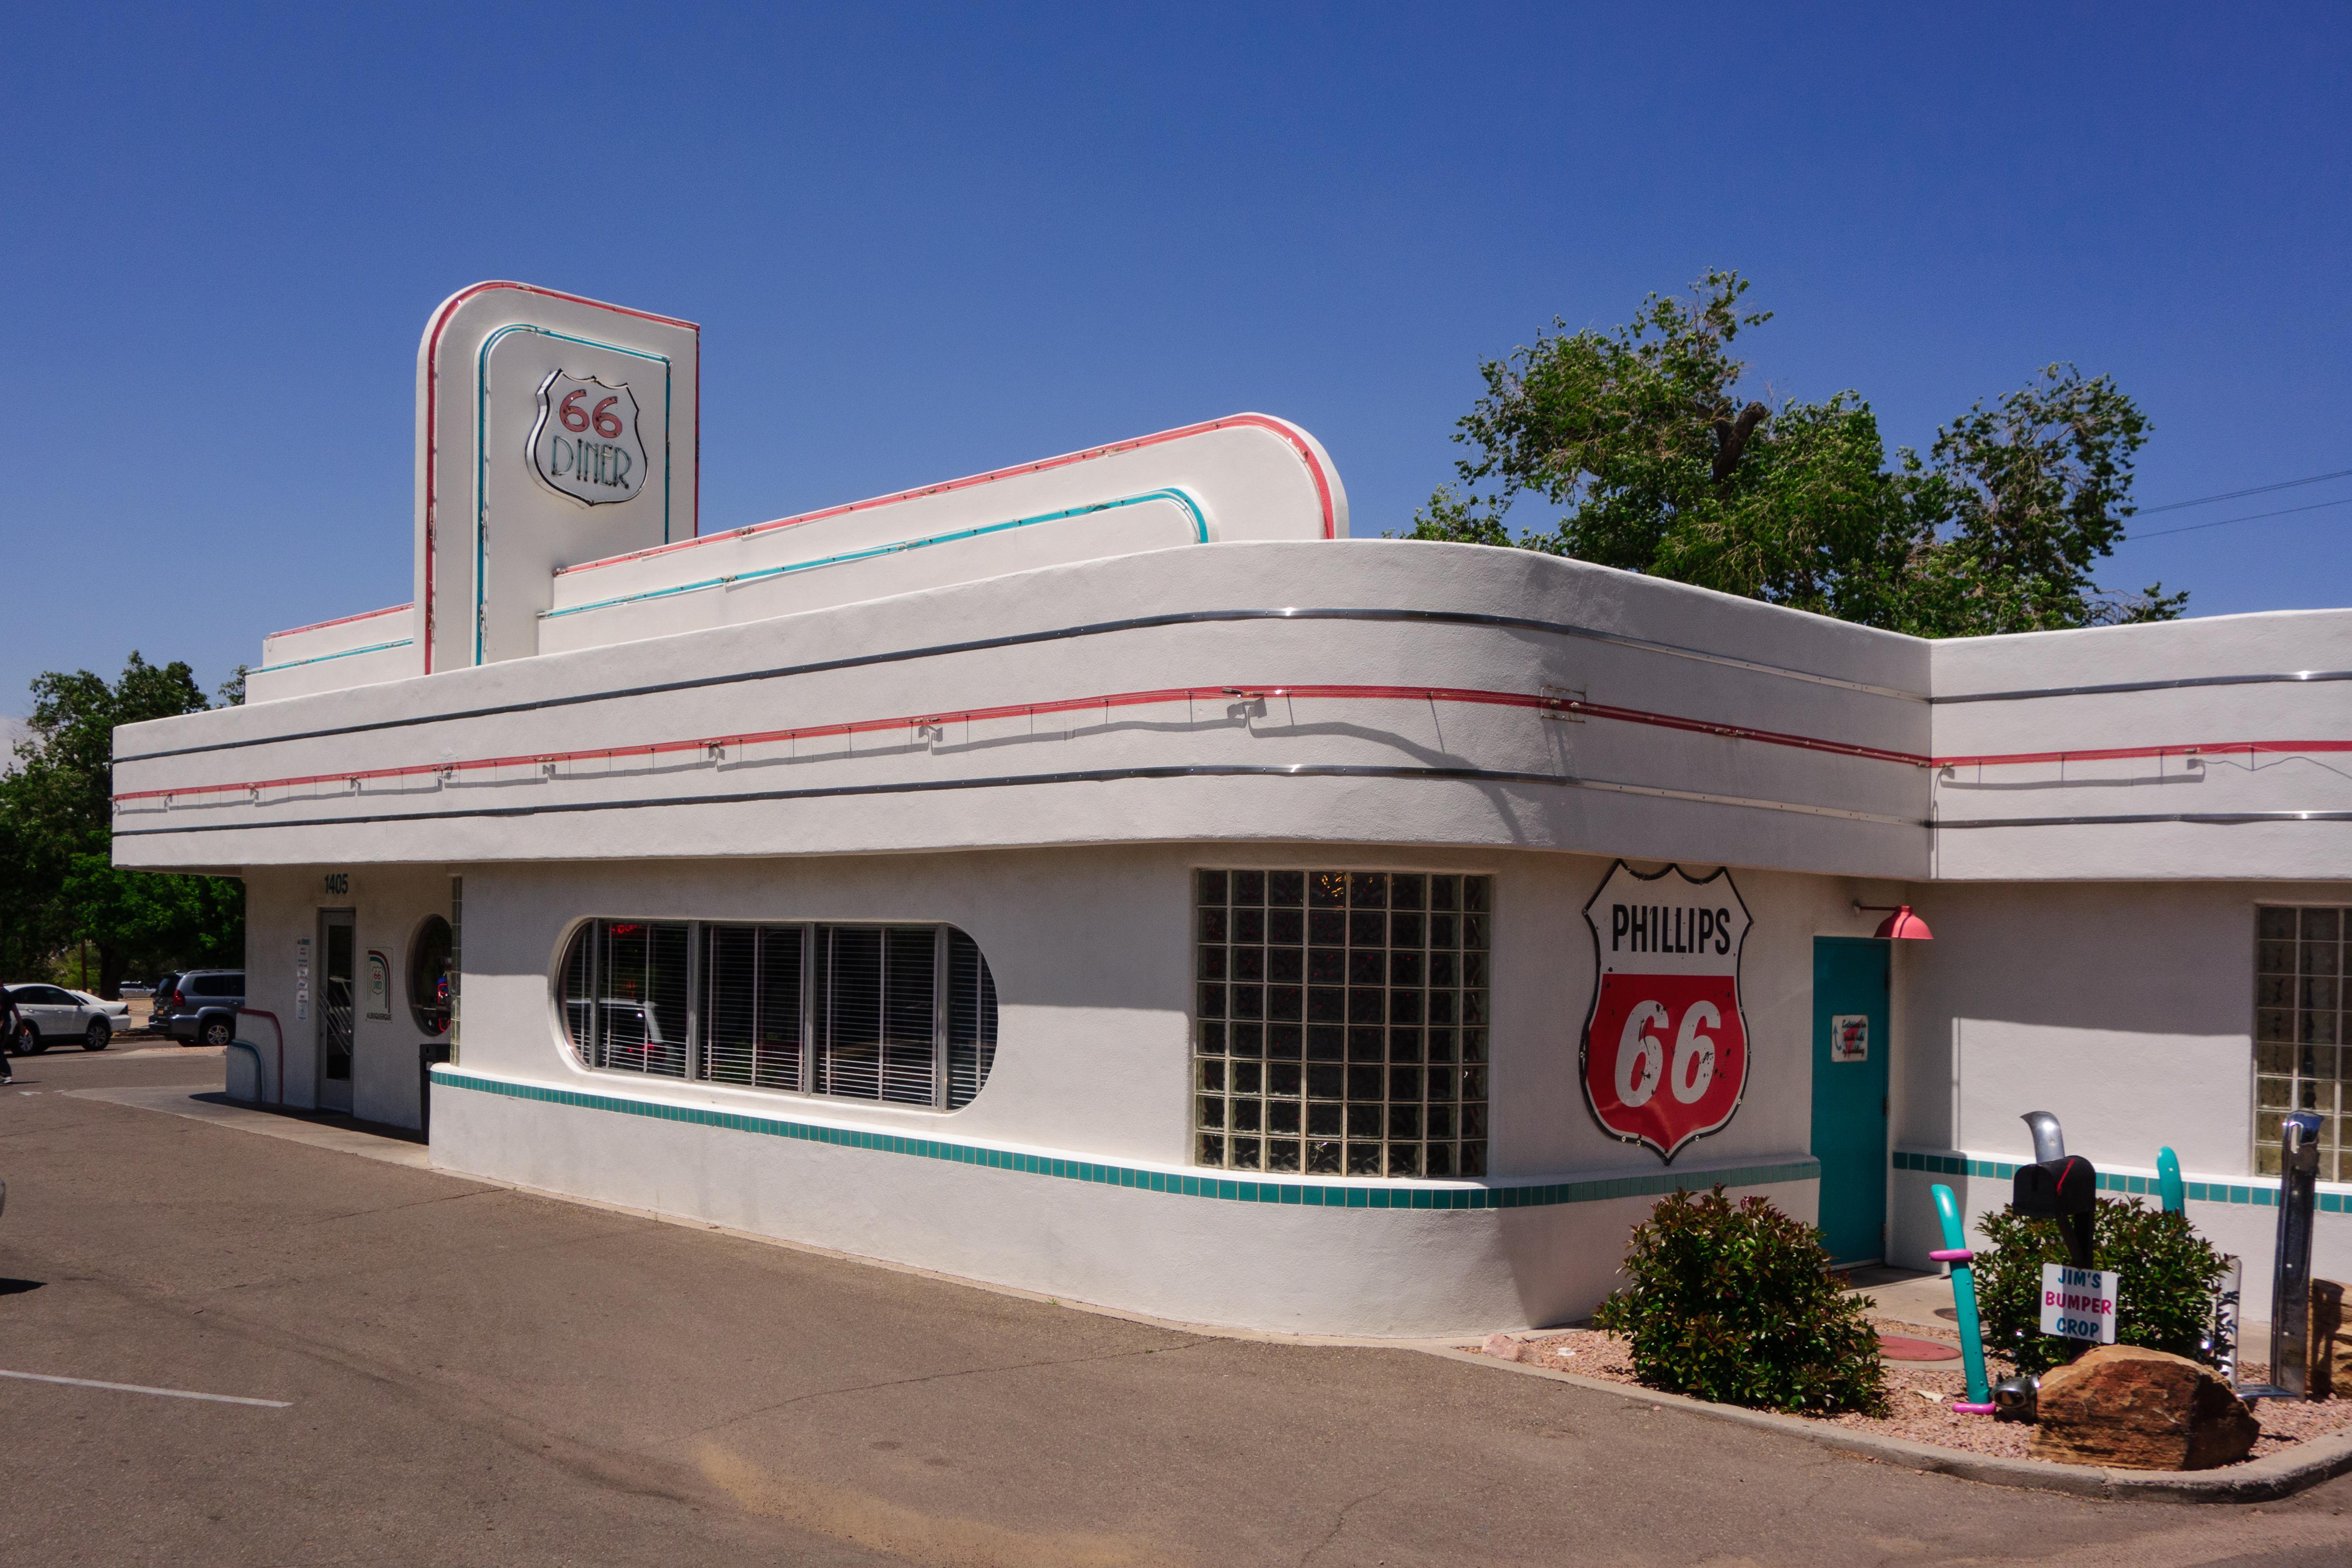 Route Day Albuquerque To